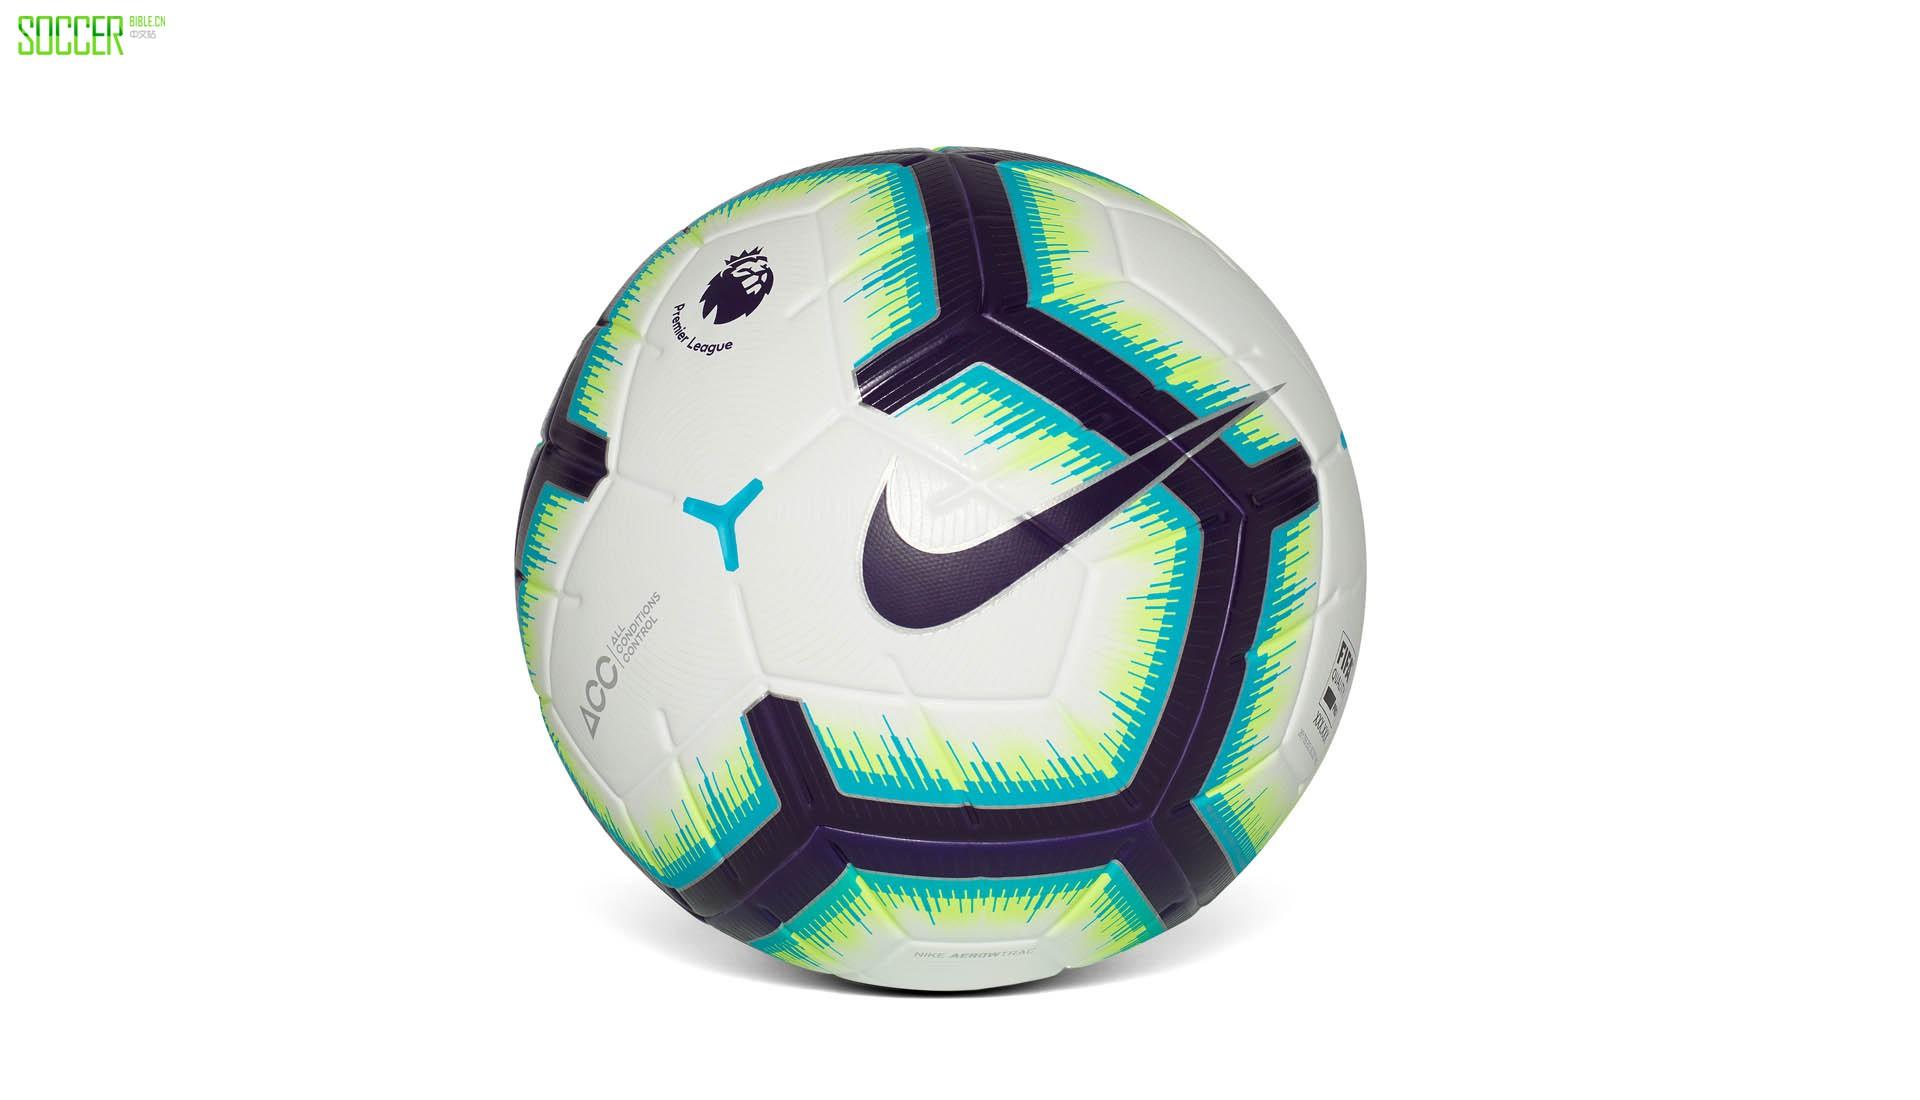 耐克发售Merlin英超18-19赛季比赛用球